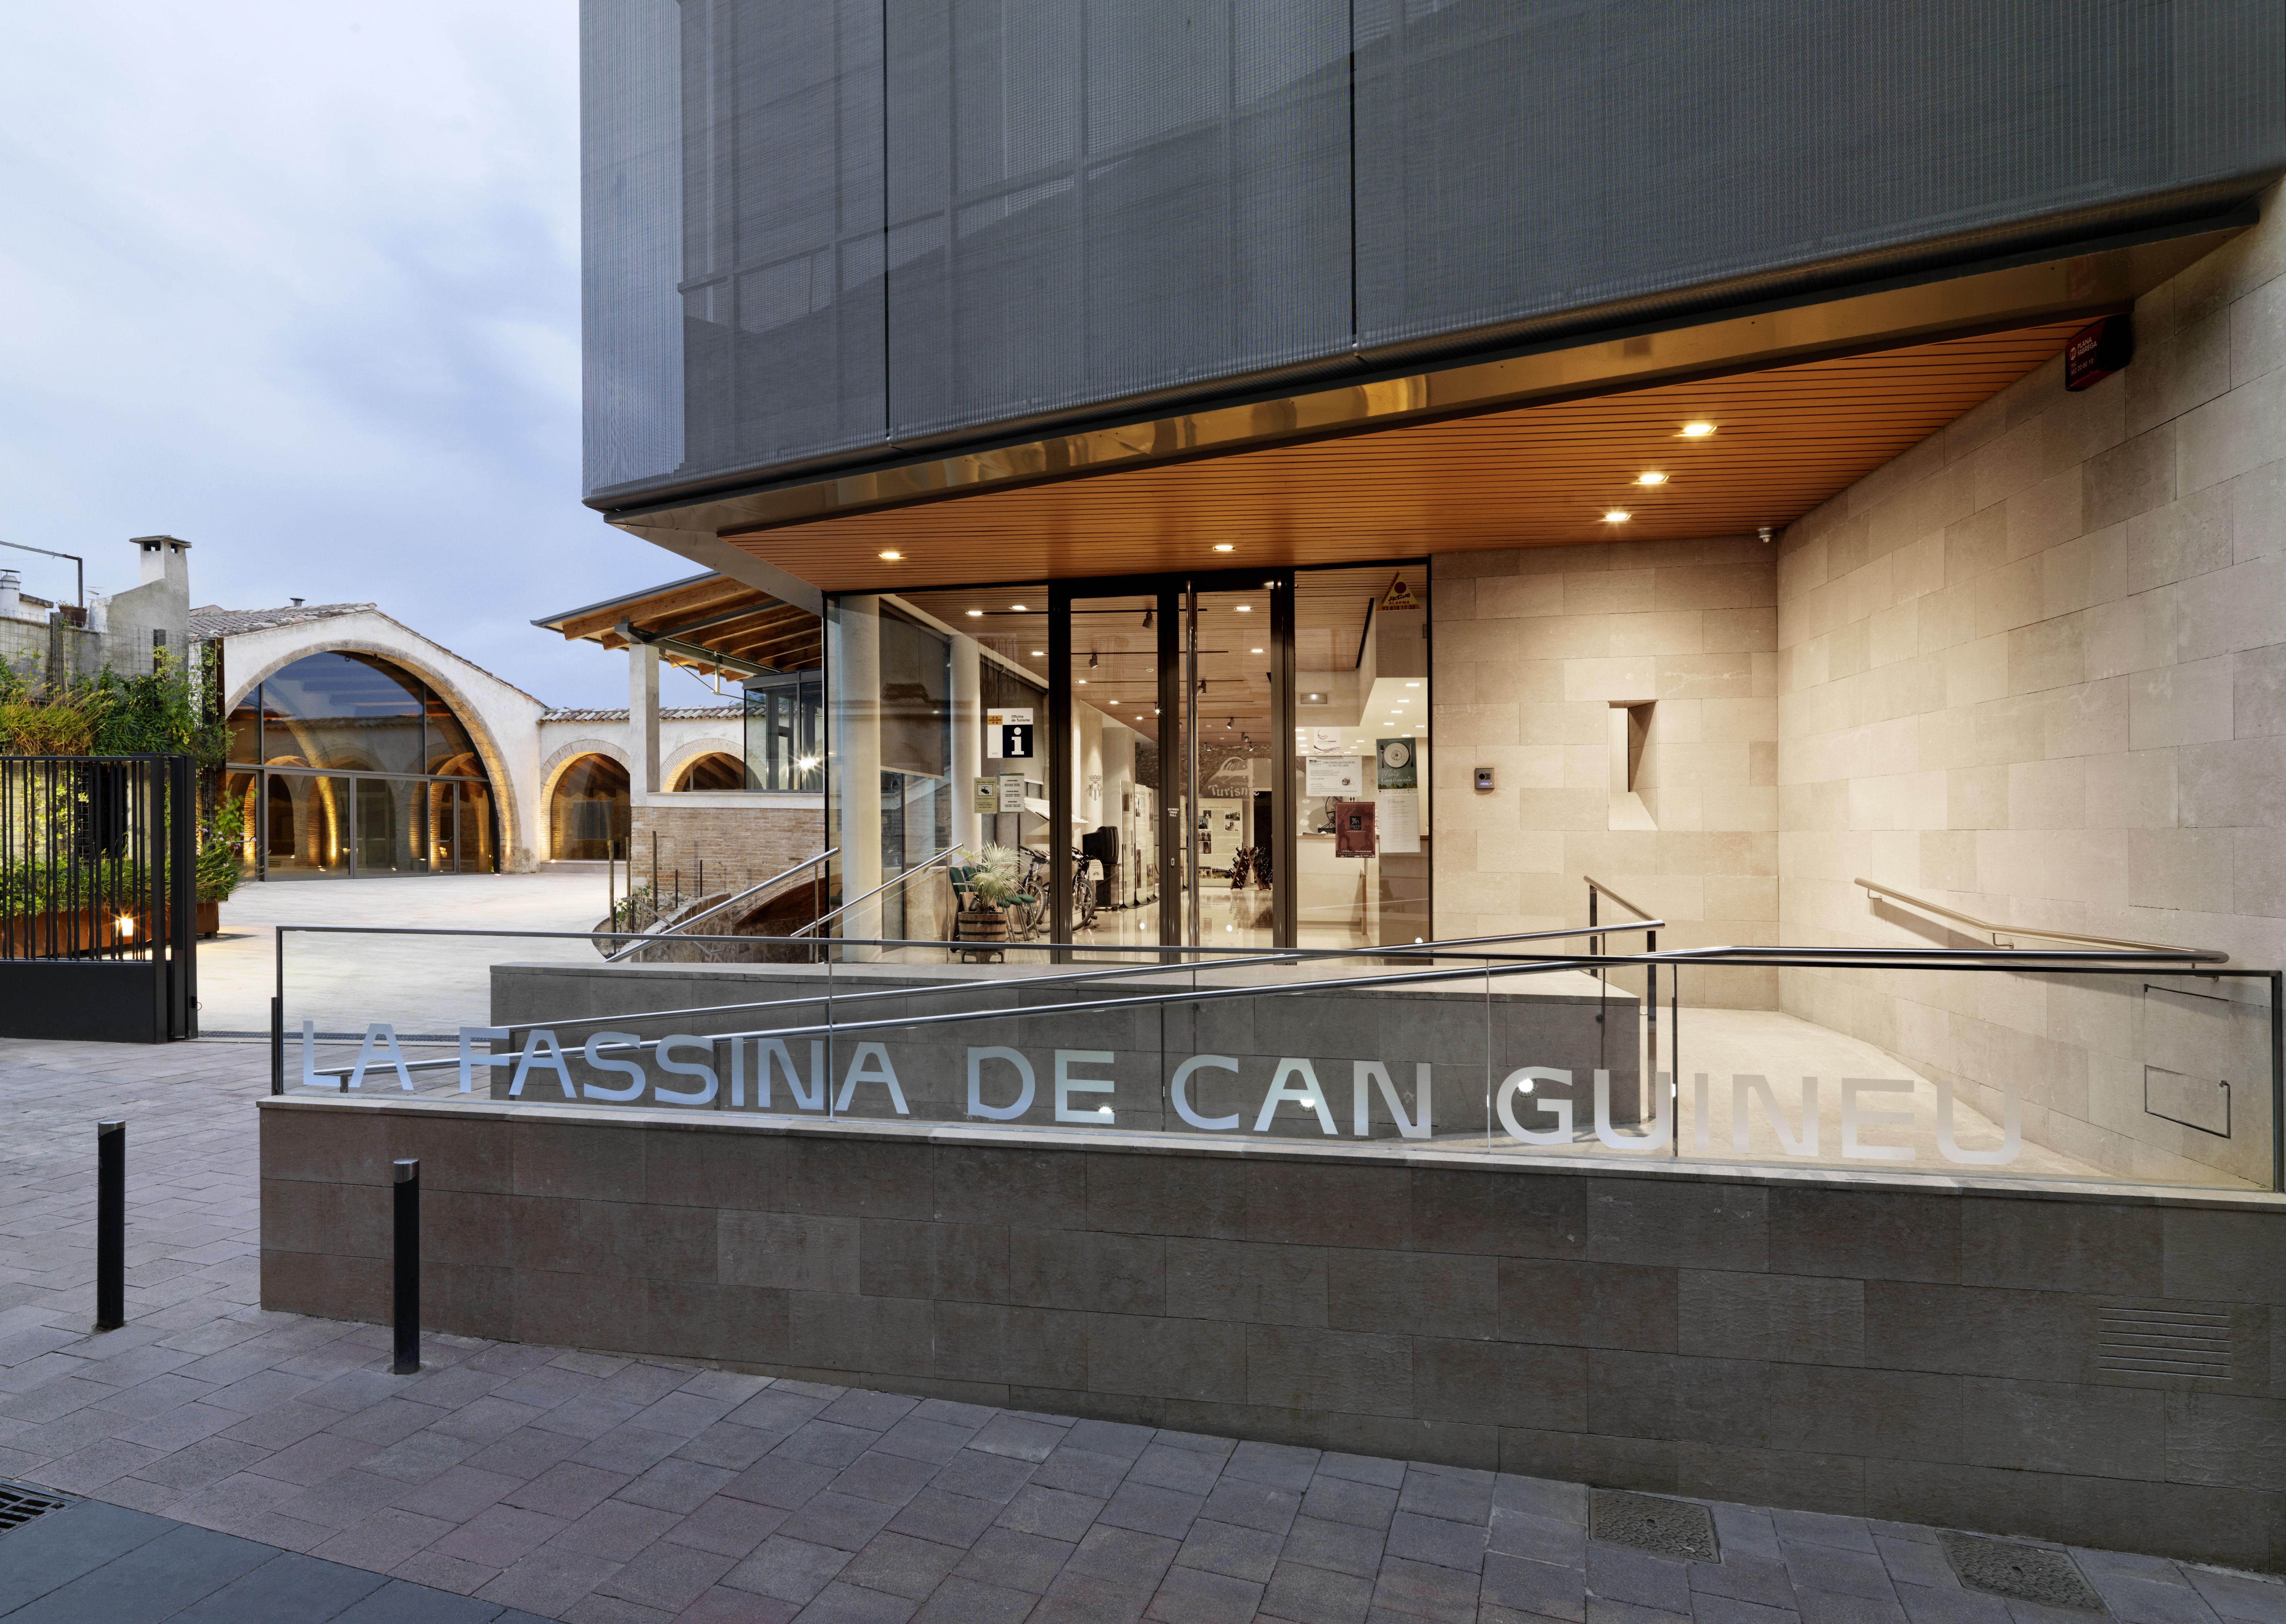 Foto 28 de Instalaciones de climatización, electricidad y eficiencia energética en Esplugues de Llobregat | Tecnotrol